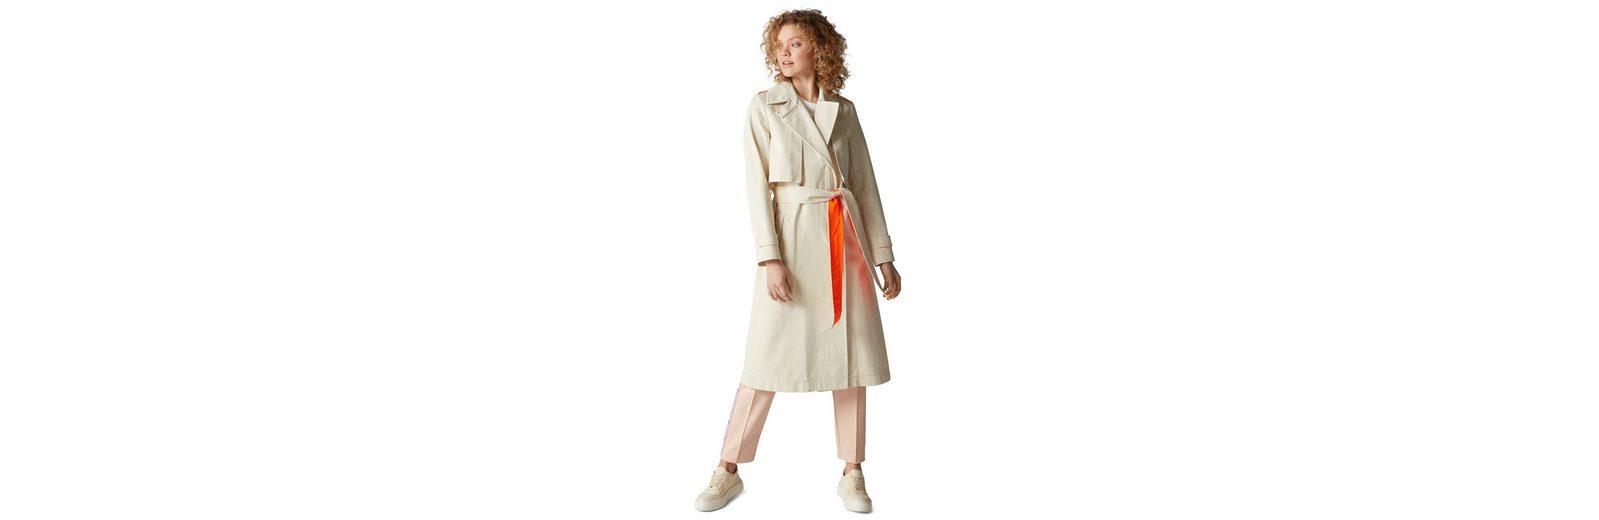 Webseiten Günstig Online Marc O'Polo DENIM Jeansjacke Verkauf Erschwinglich Billiges Outlet-Store Billig Verkauf Erschwinglich Q7SPct